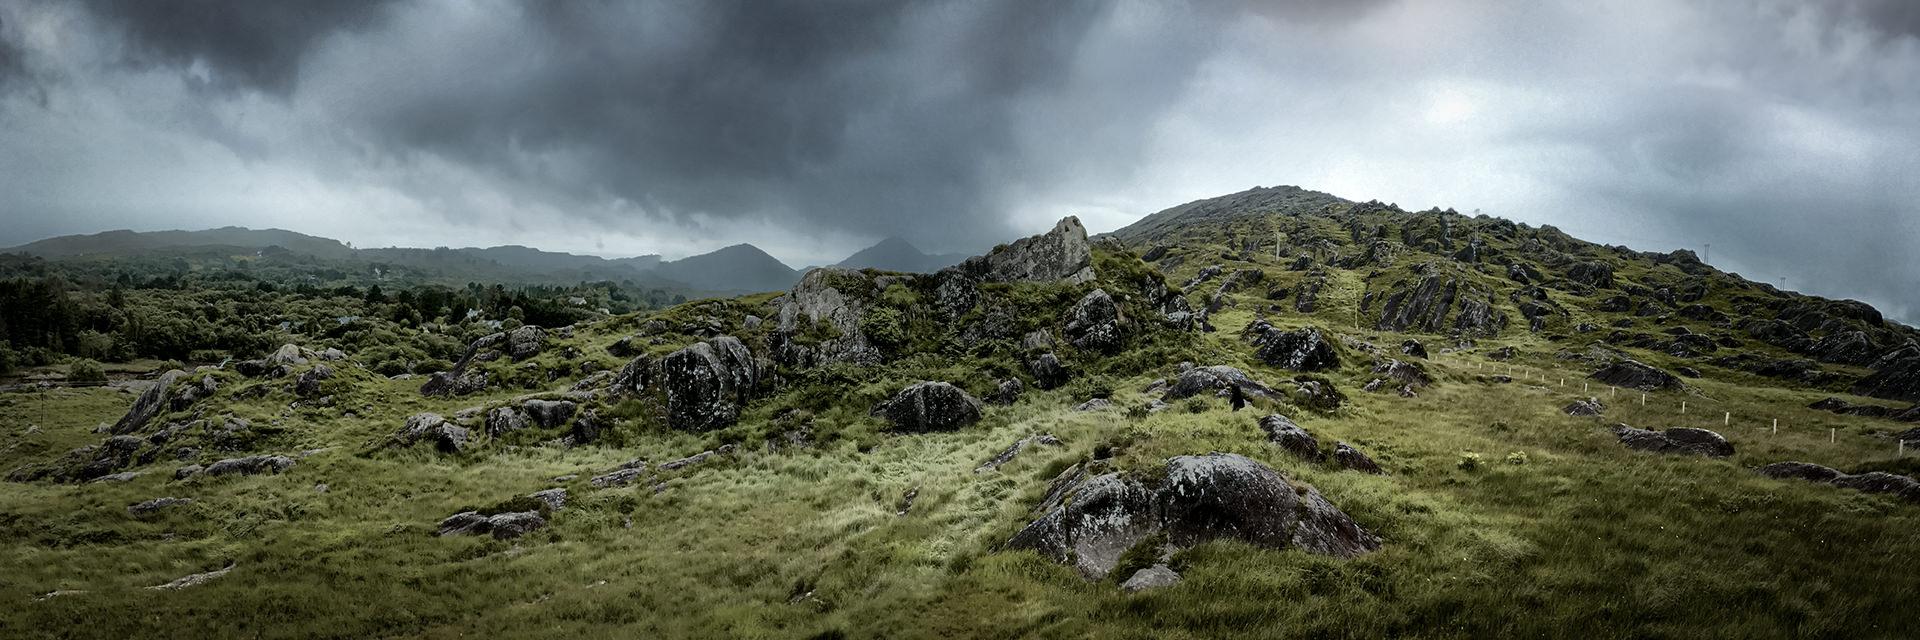 Ireland Scenic View 3:1